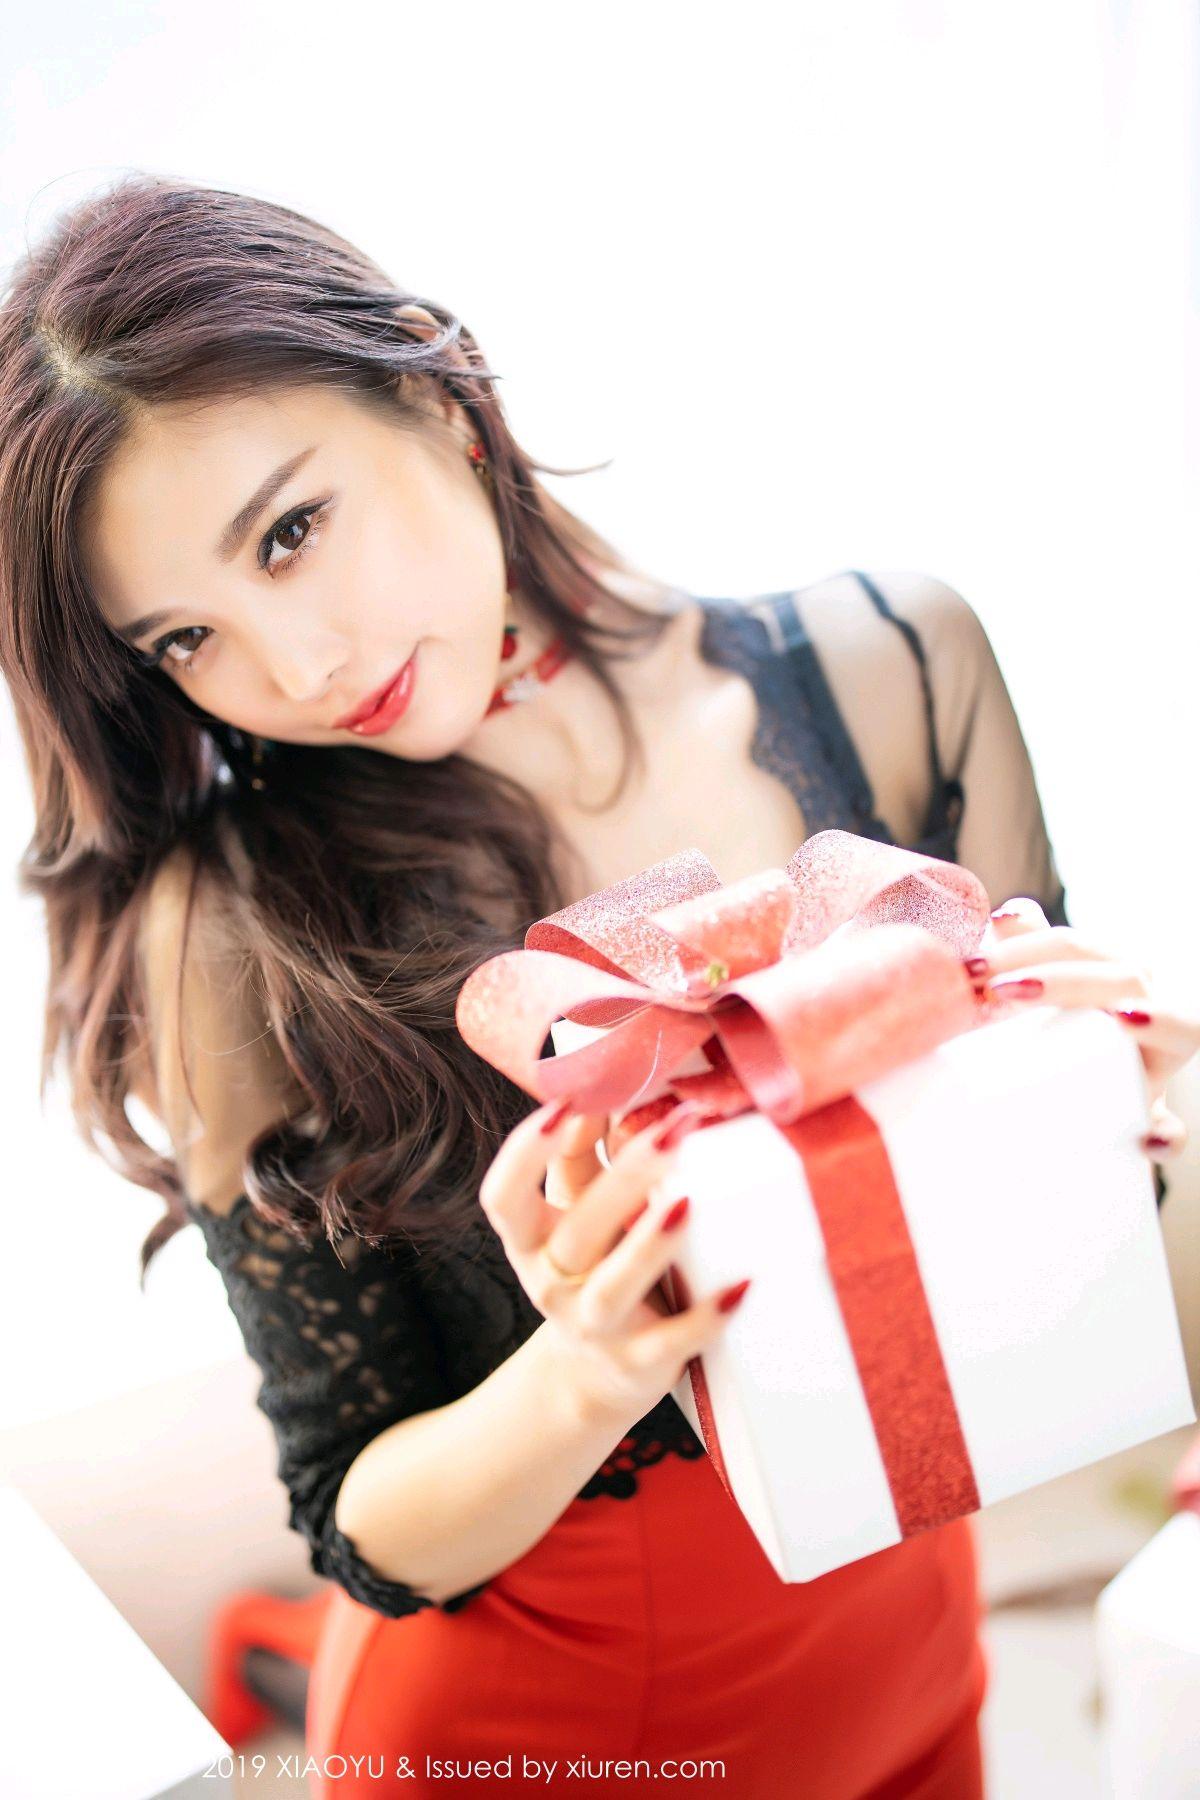 [XiaoYu] Vol.225 Yang Chen Chen 33P, Christmas, Underwear, XiaoYu, Yang Chen Chen